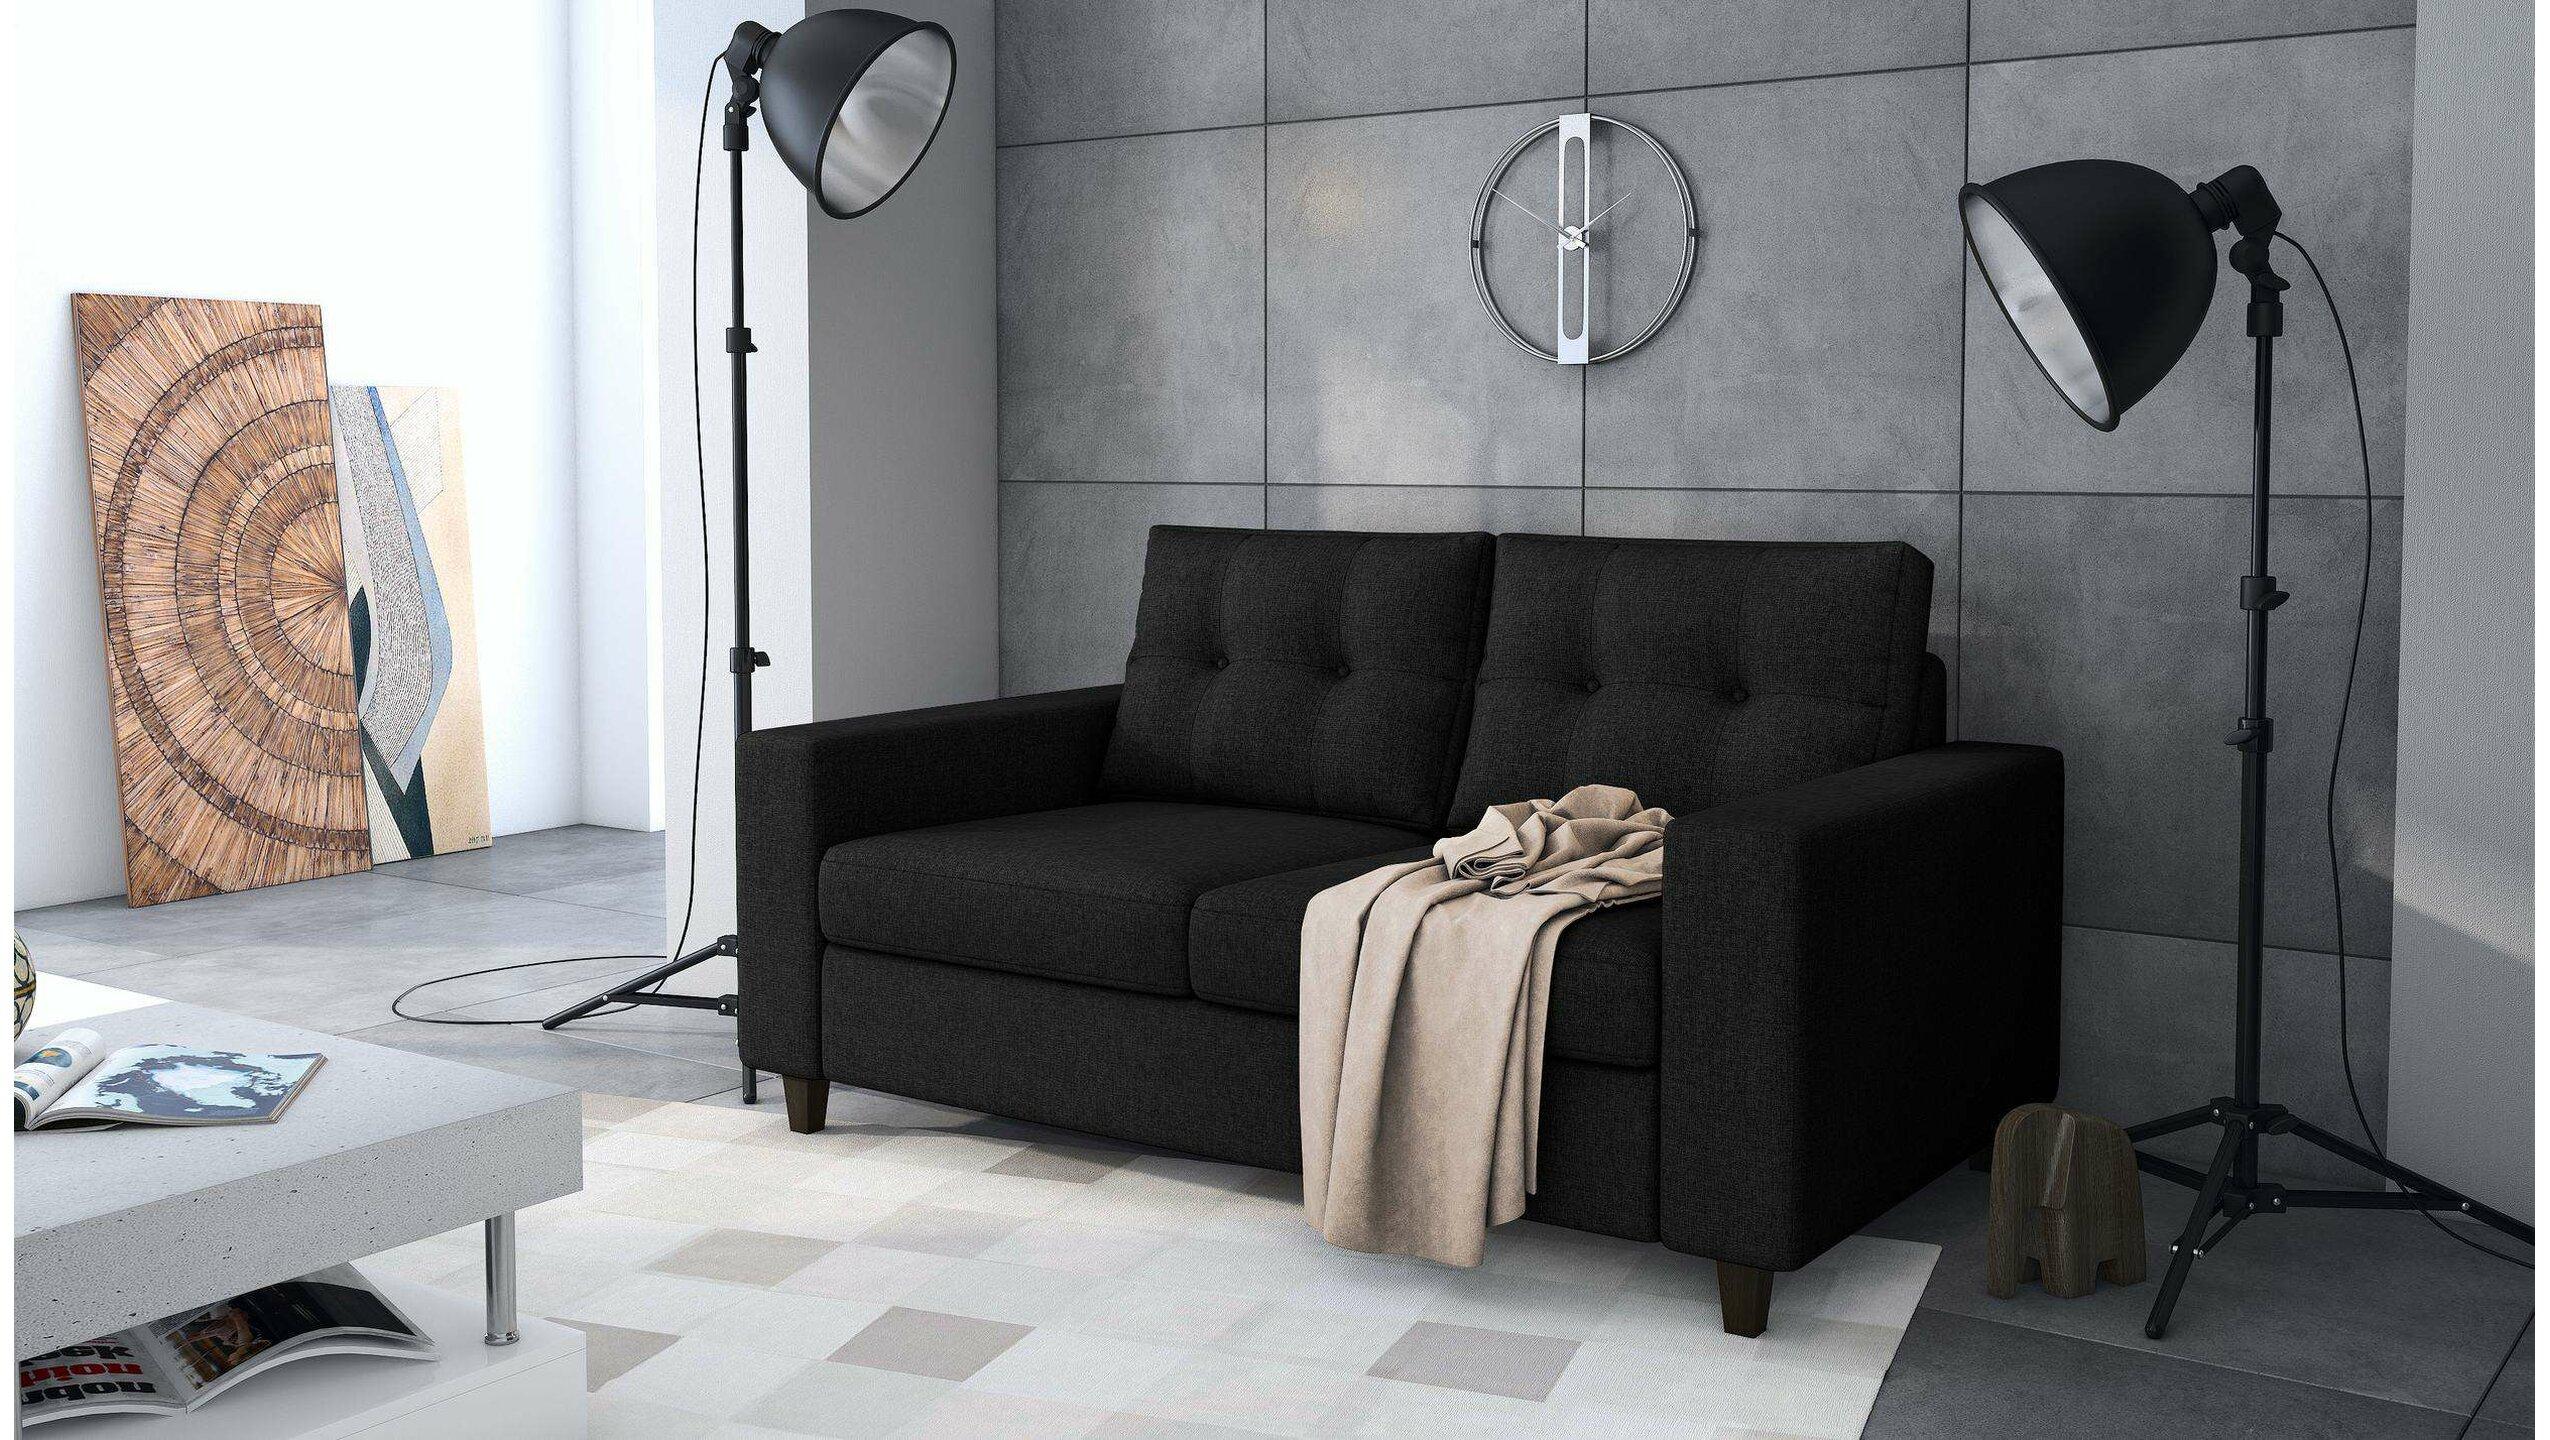 Stylefy Kari Einzelsofa Schwarz Strukturstoff - Möbel ...